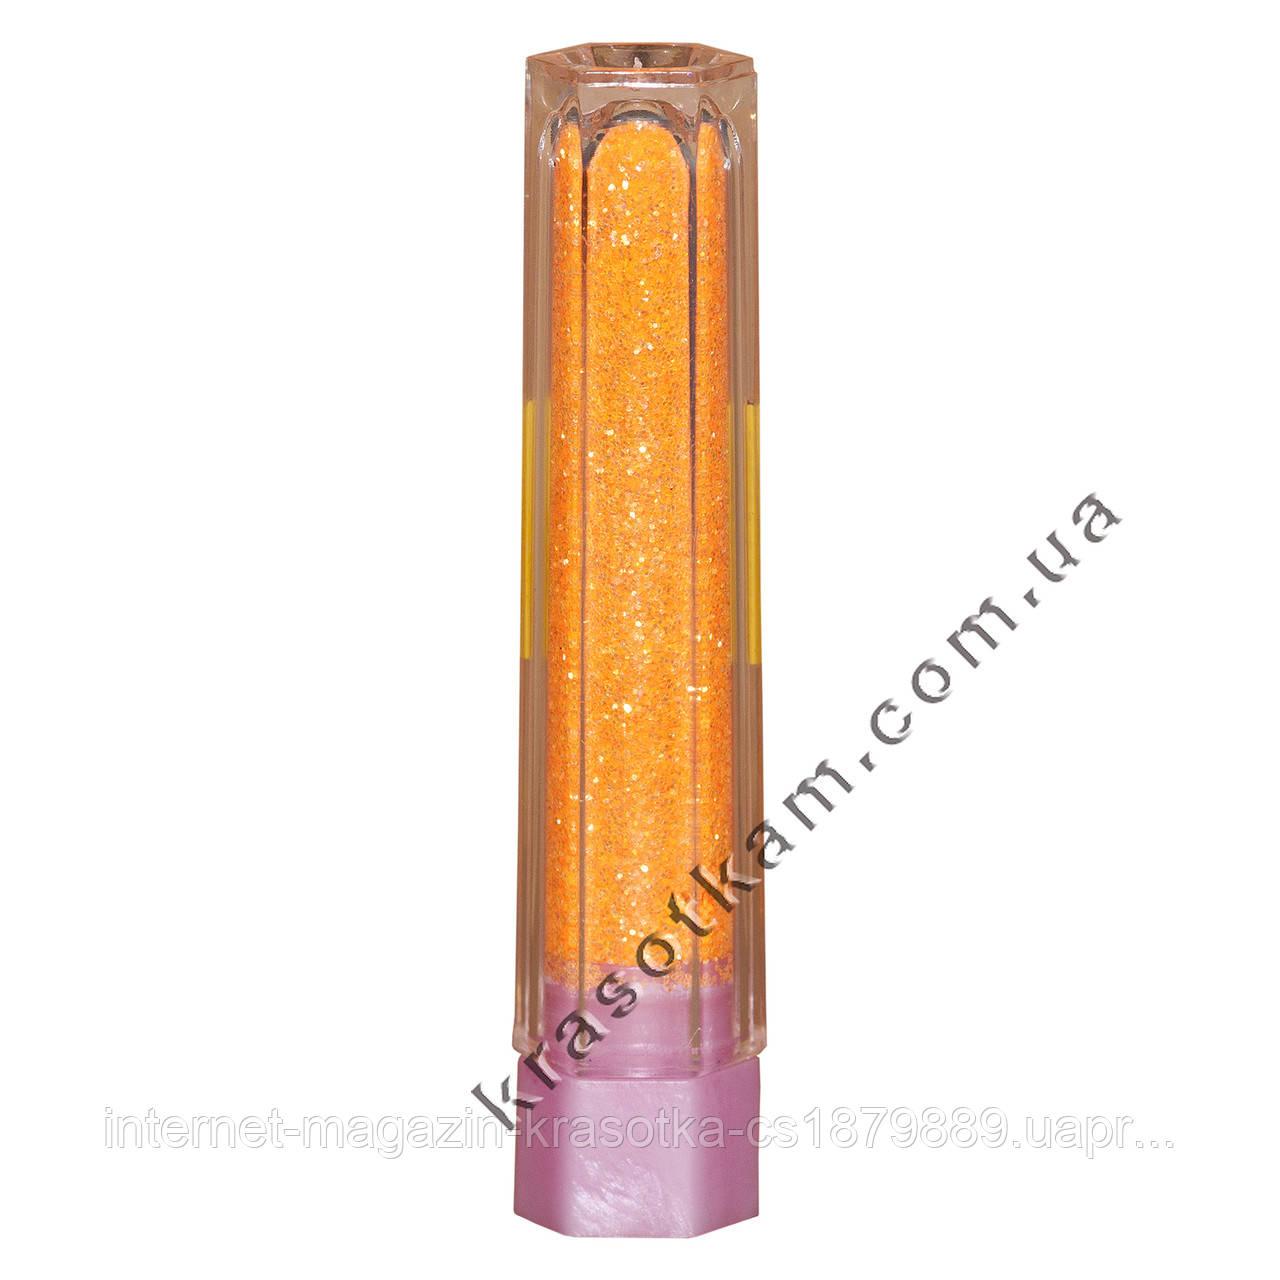 Блестки mART 17 светло-оранжевые мелкие